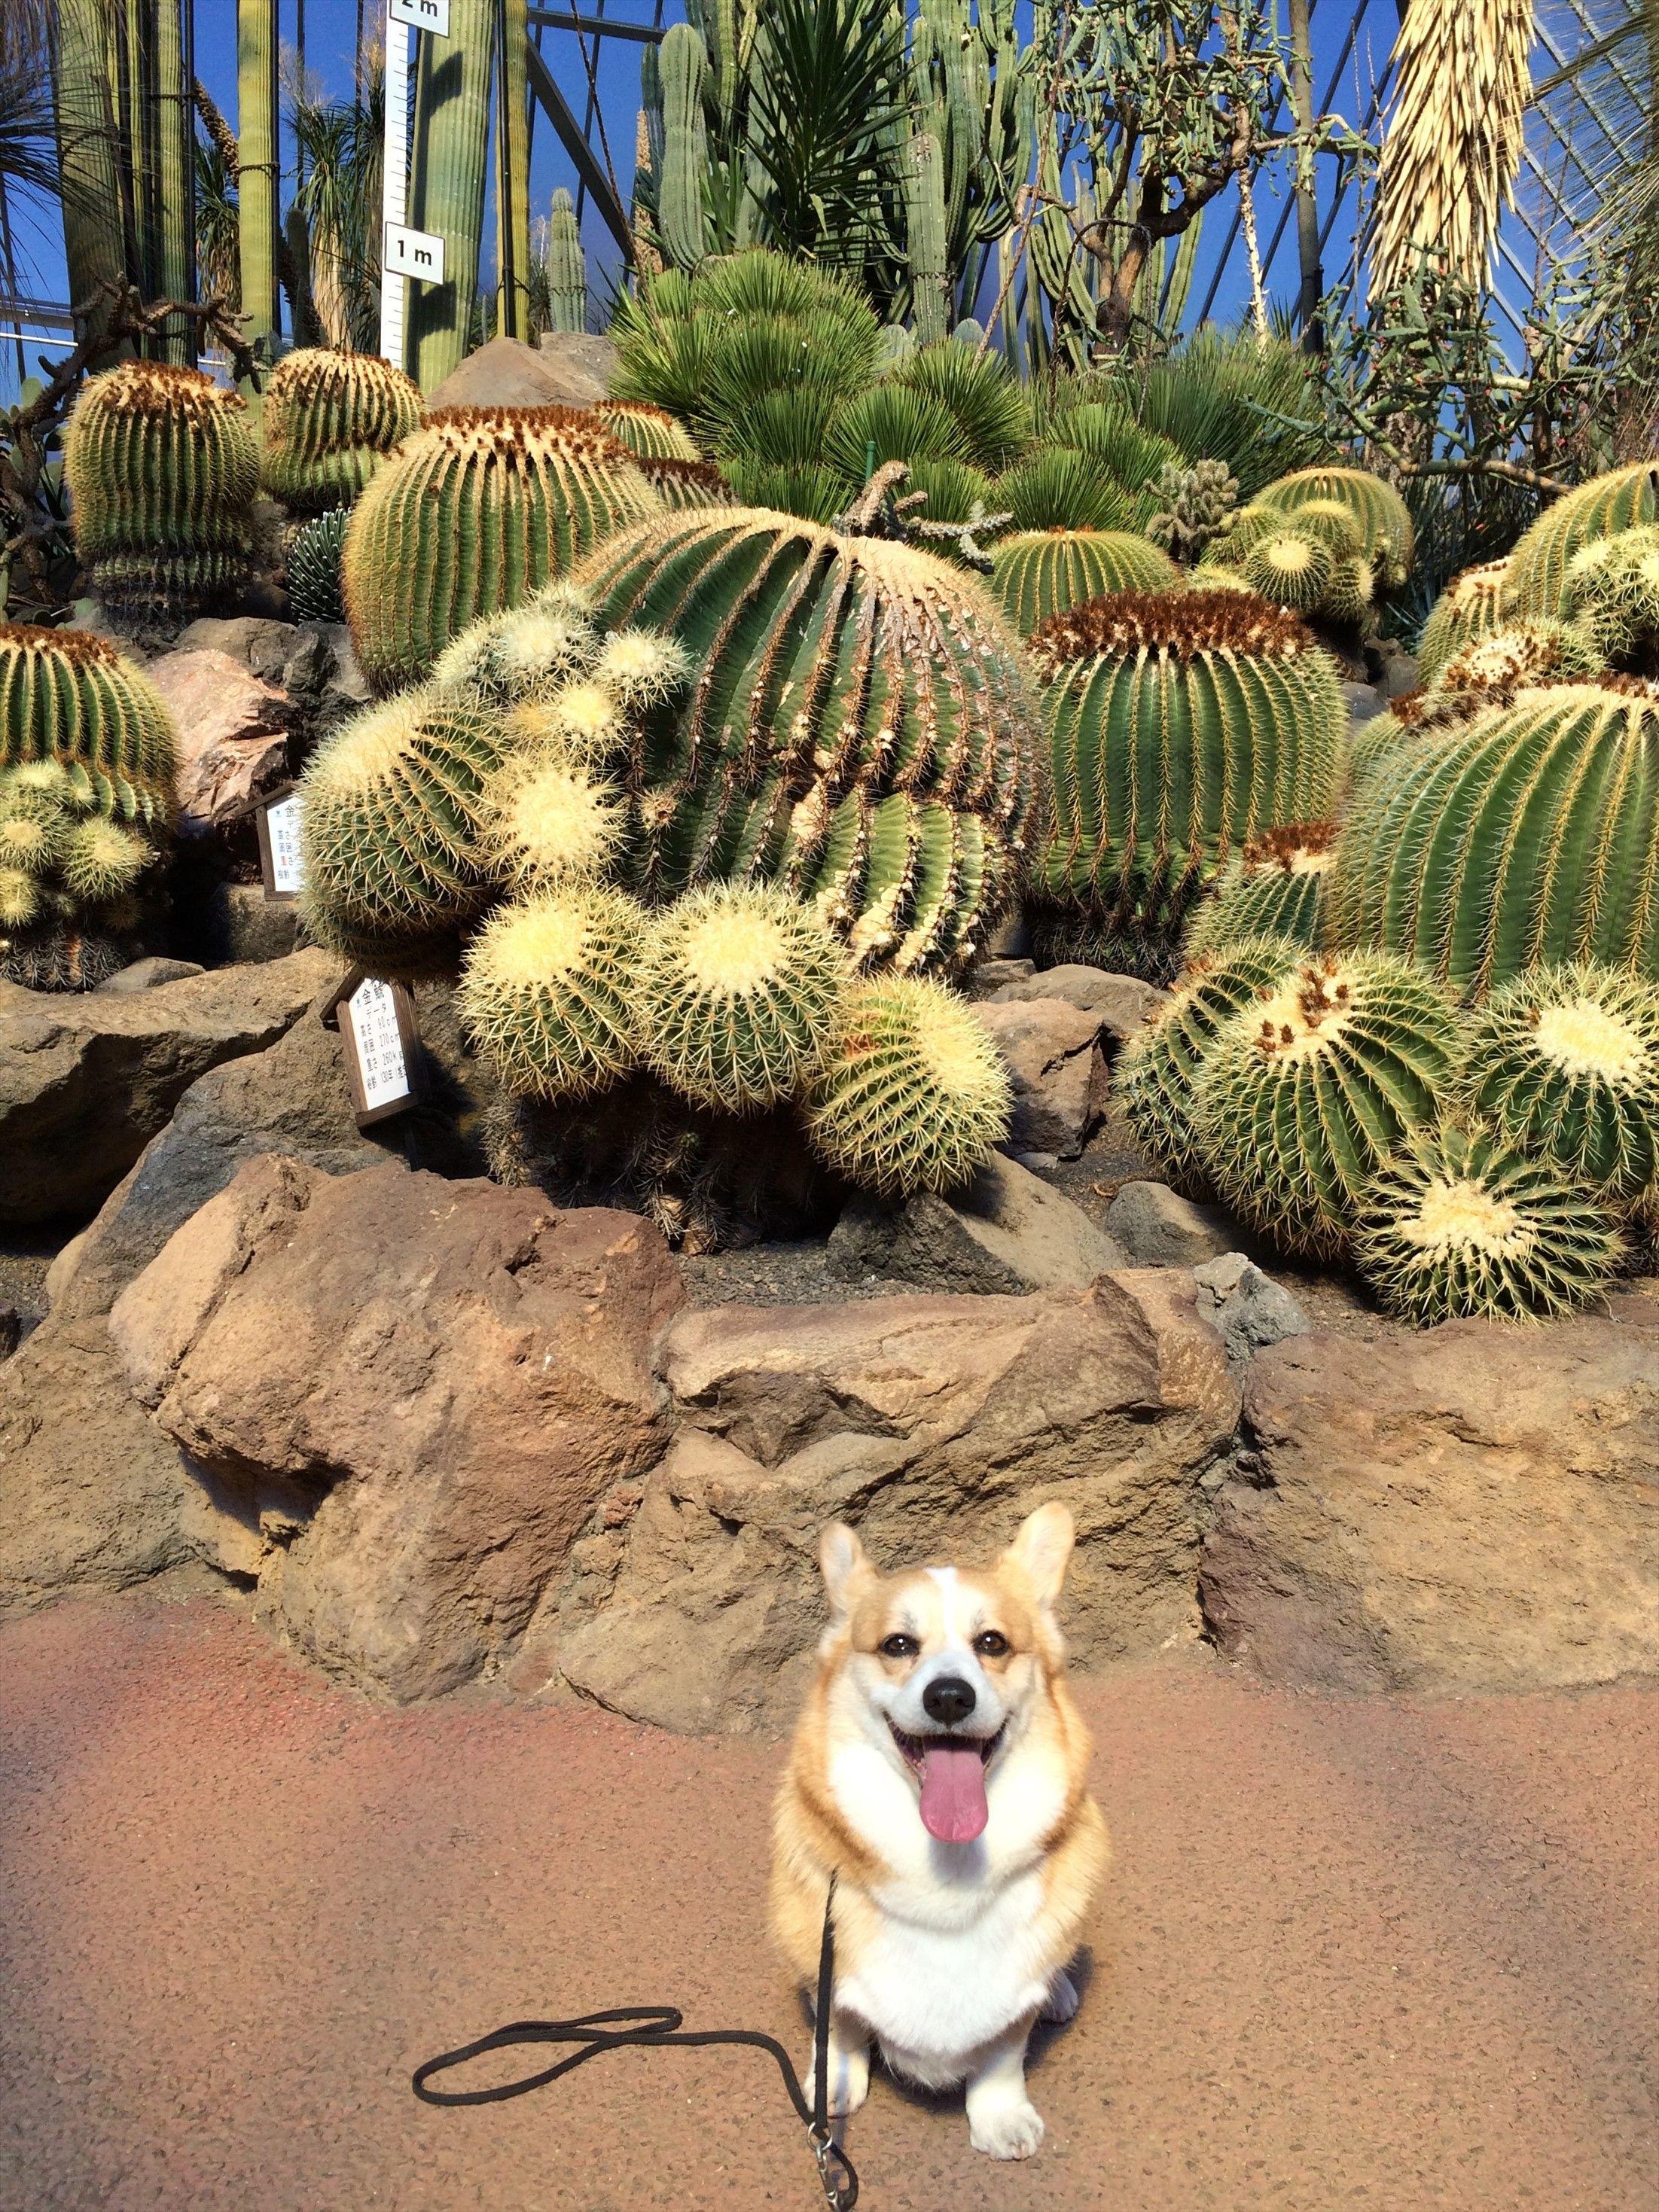 アンナちゃん 伊豆シャボテン公園にて 週末の伊豆旅行で行った伊豆シャボテン公園のサボテンの前でパシャリ 前日は大雨でほとんど遊べませんでしたが 伊豆高原のわんパラに泊まった次の日は見事な天気 たくさん遊べてアンナもいい笑顔です シャボテン公園